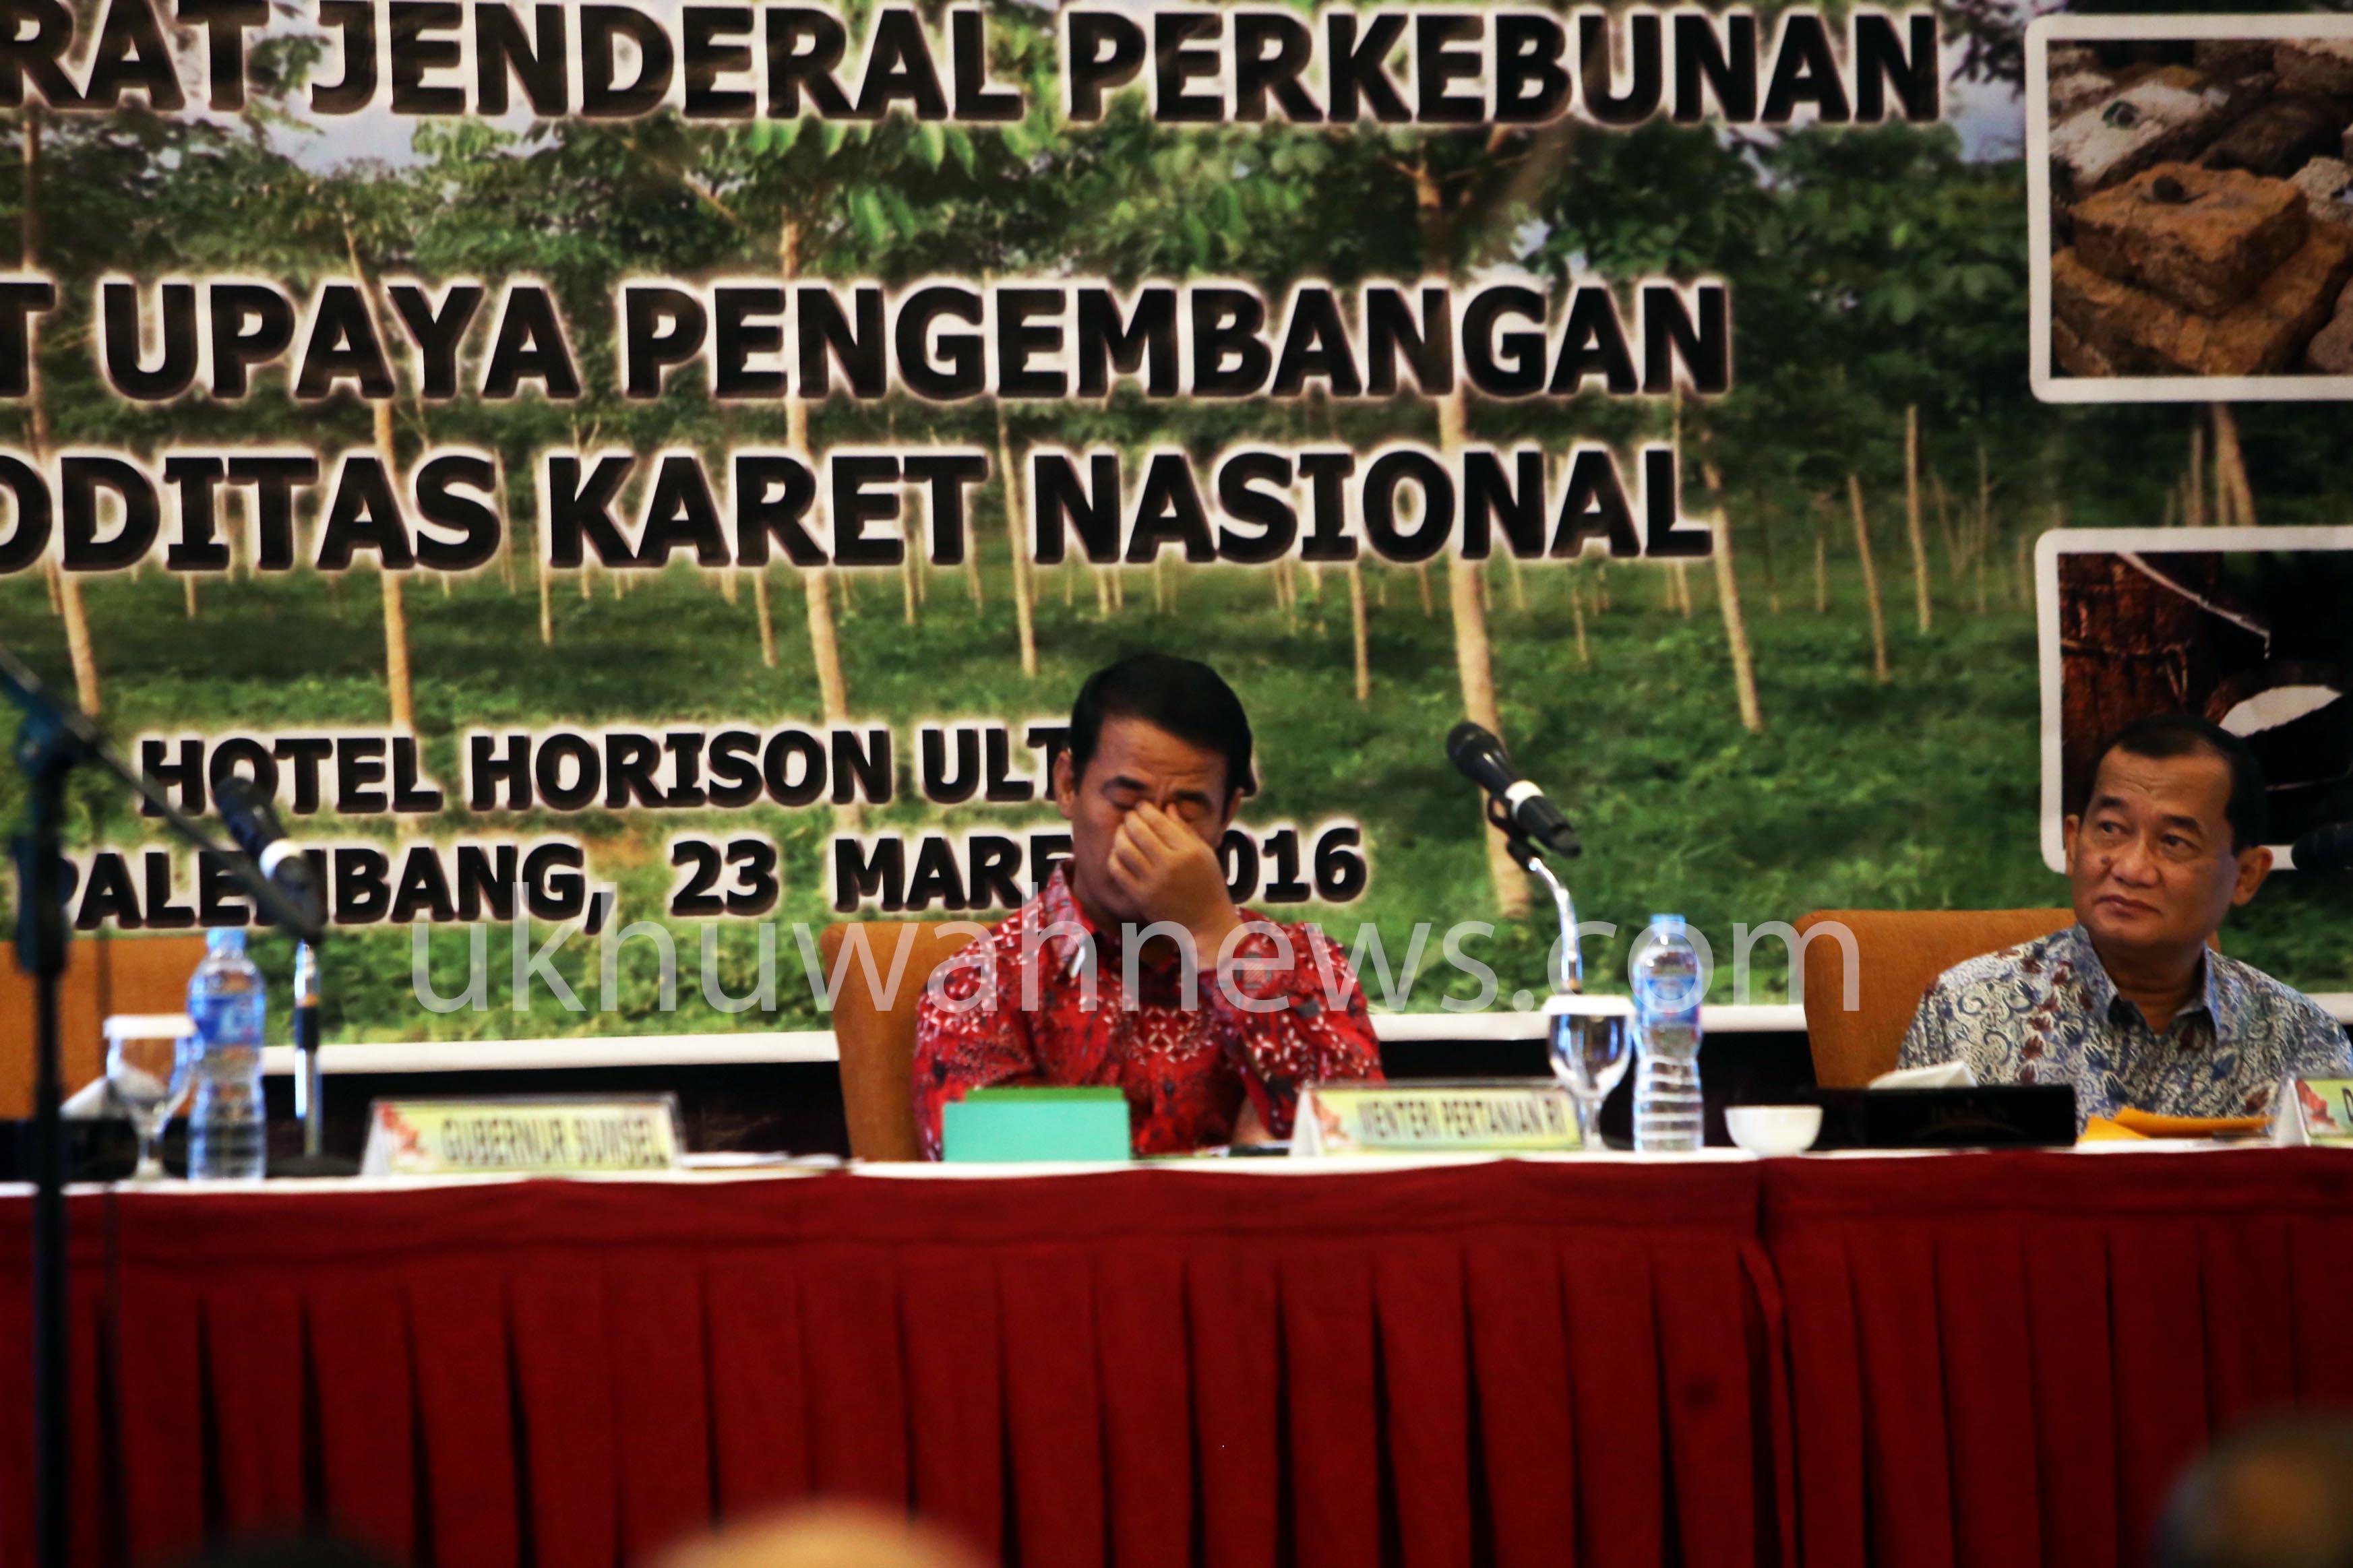 Menteri Pertanian terlihat berpikir keras dalam acara rapat upaya pengembangan komoditas karet nasional, Rabu (23/3/2016) di Hotel Horisol Ultima Palembang.